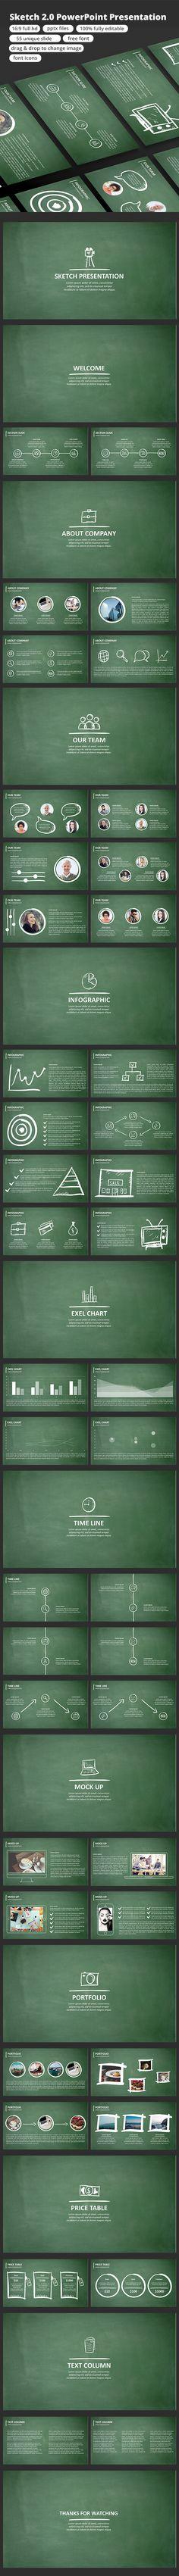 Sketch 2.0 - PowerPoint Presentation